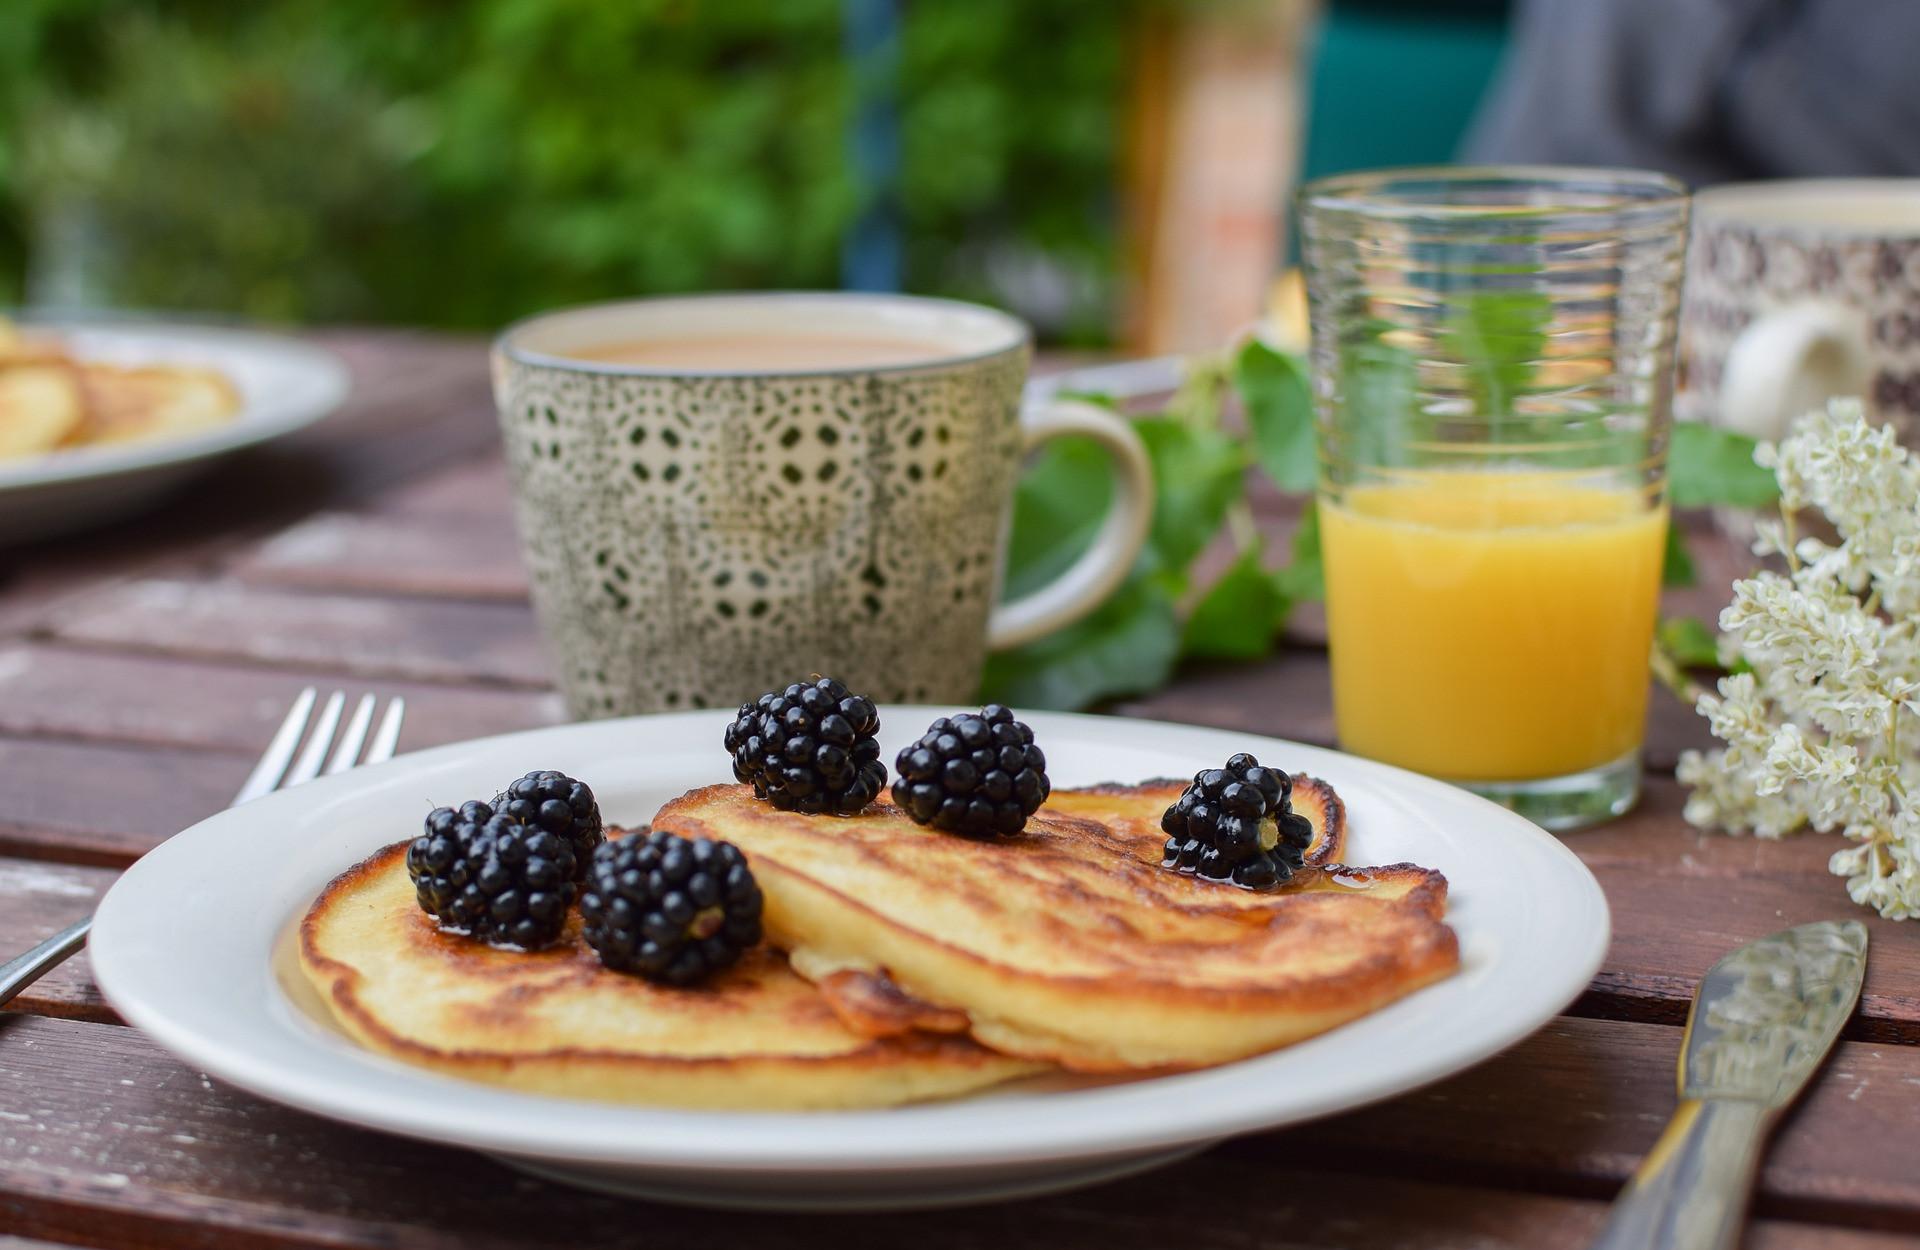 Zum Frühstück zuckerfreie Pfannkuchen – ein super Start in den Tag.